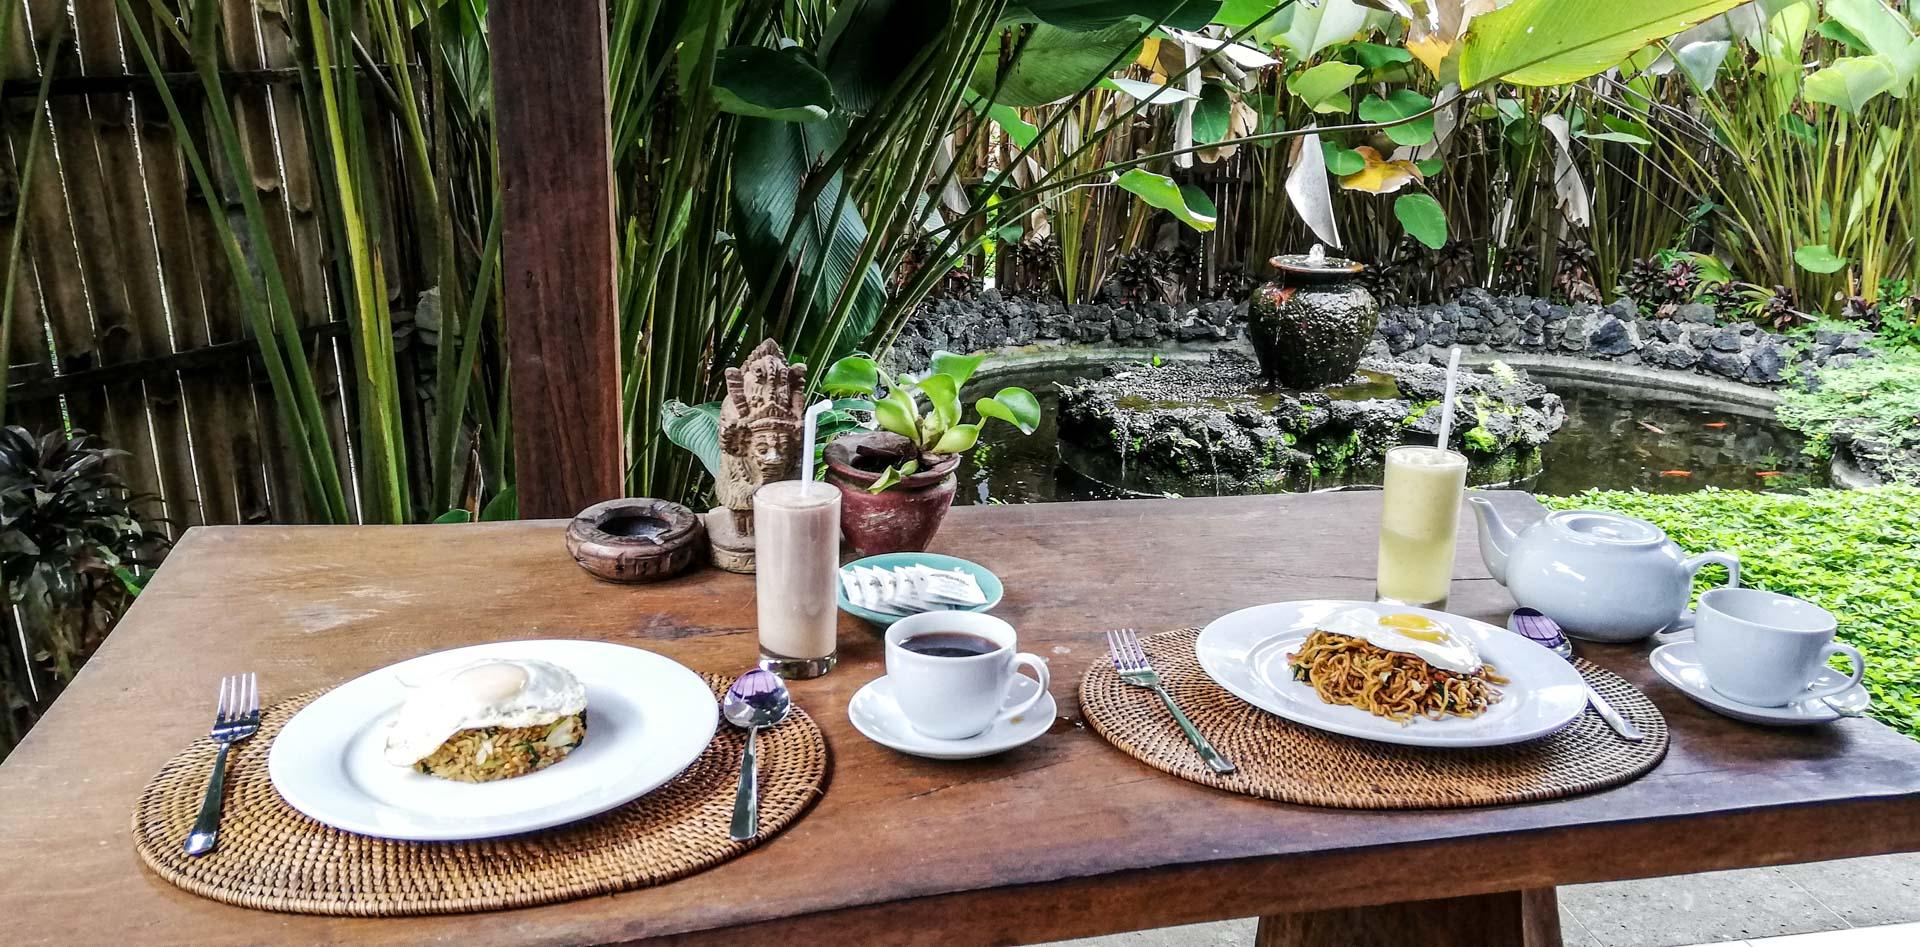 Desayuno balinés en Kishi - Kishi Ubud Villas, Bali